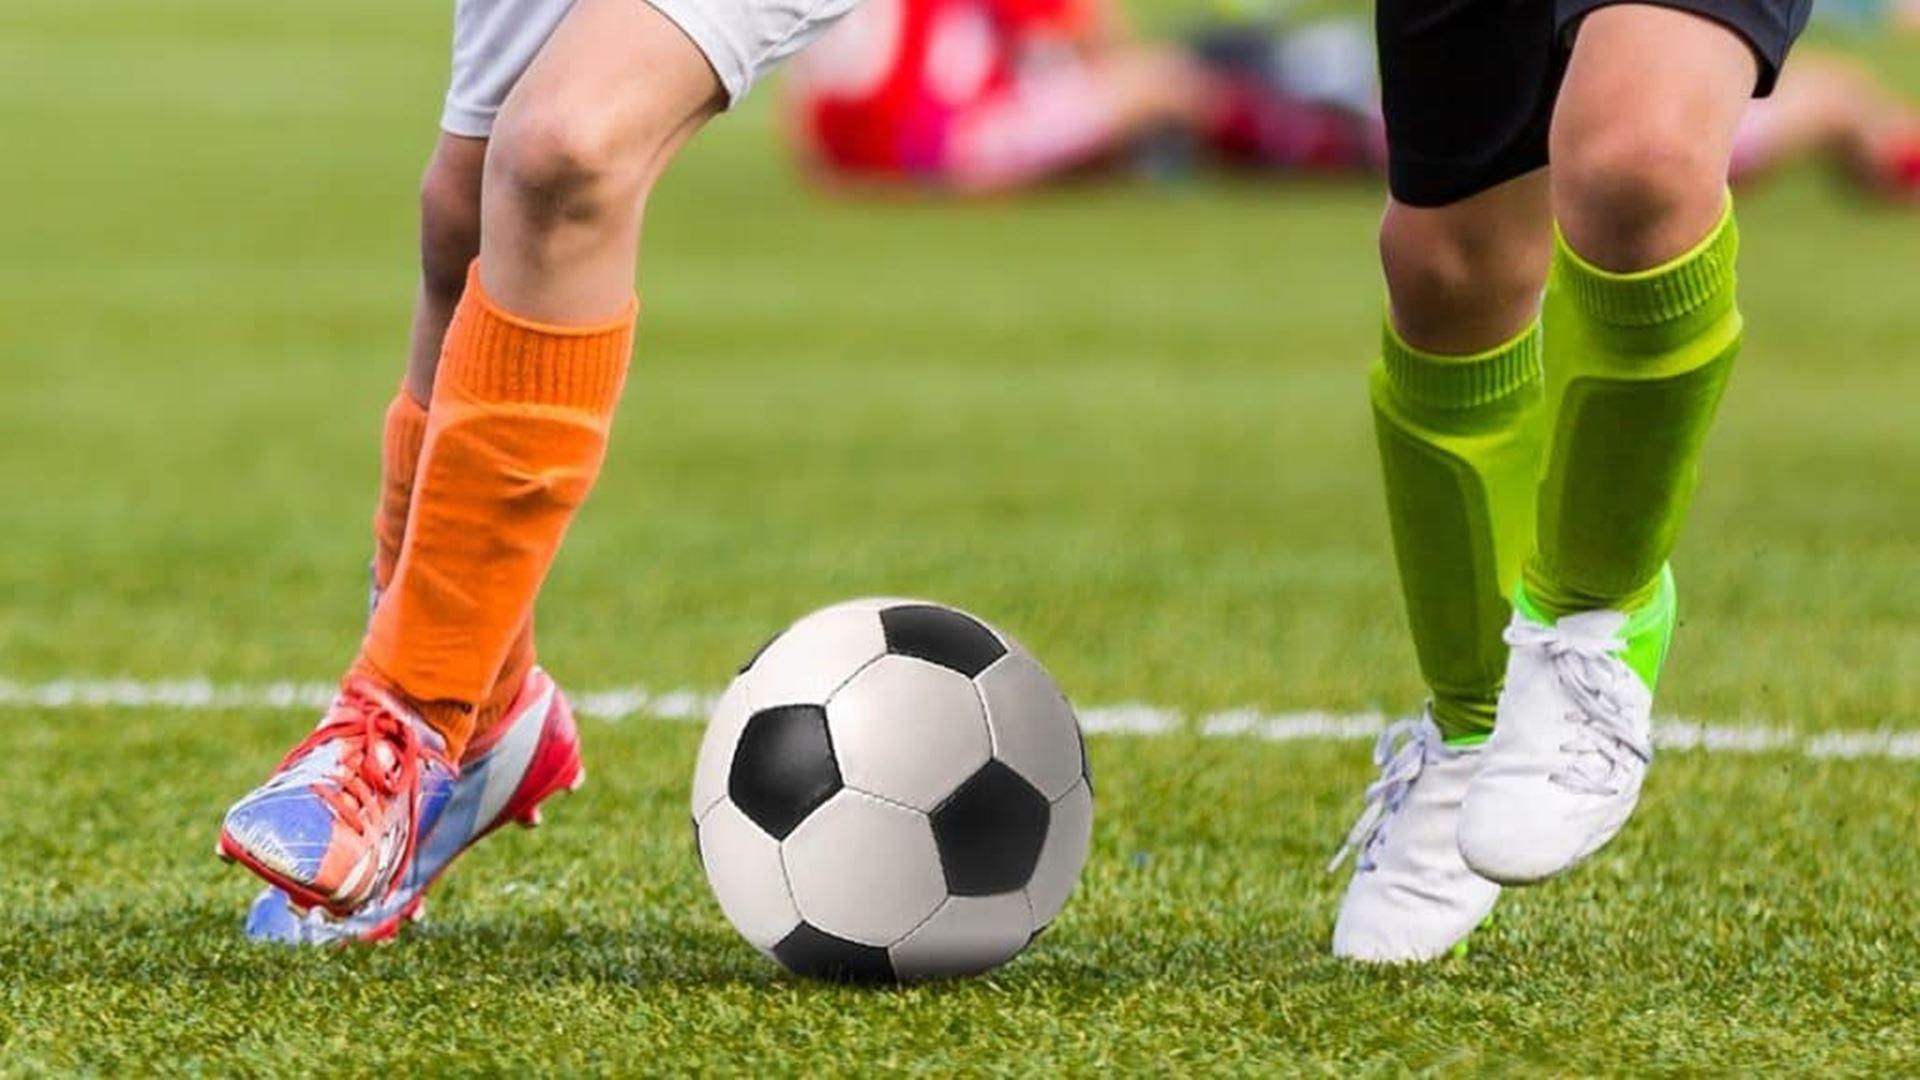 Migliori parastinchi da calcio 2021: Guida all'acquisto